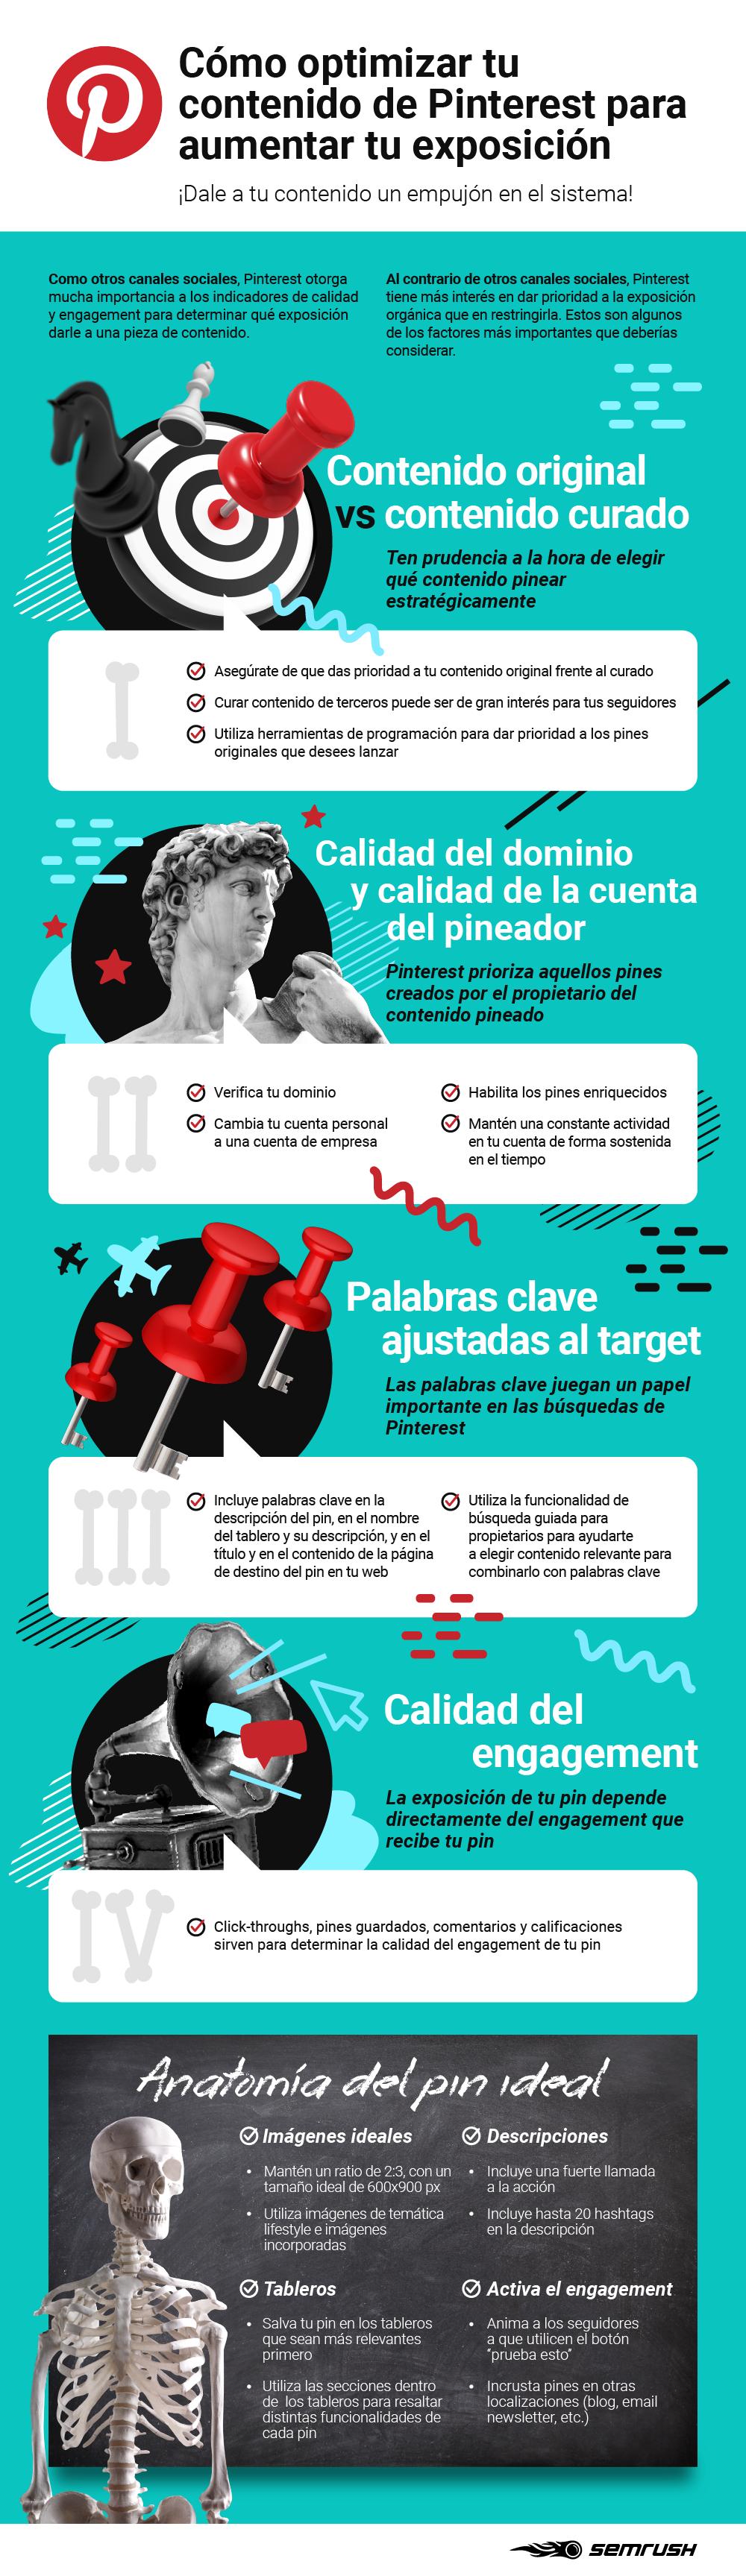 Cómo usar Pinterest - Infografía